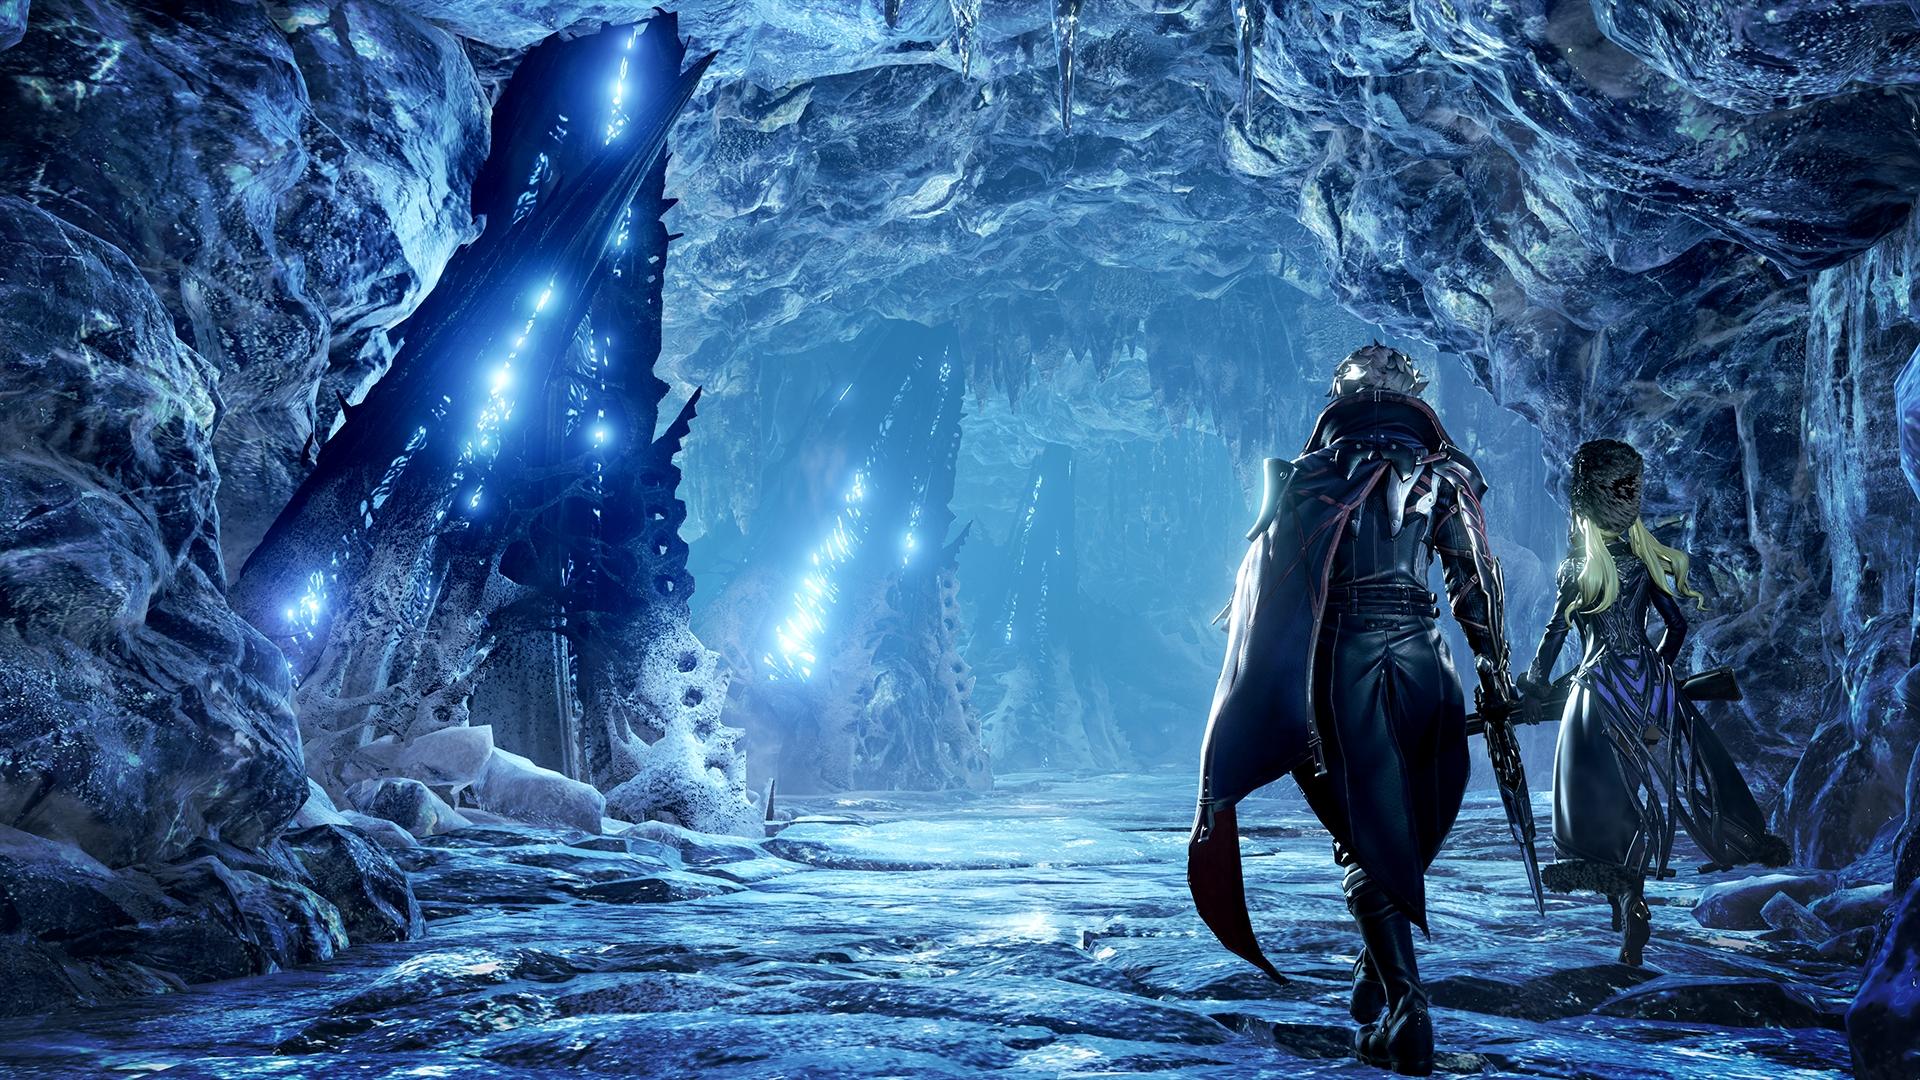 اولین تصاویر و اطلاعات از Code Vein | عنوانی الهام گرفته شده از Dark Souls